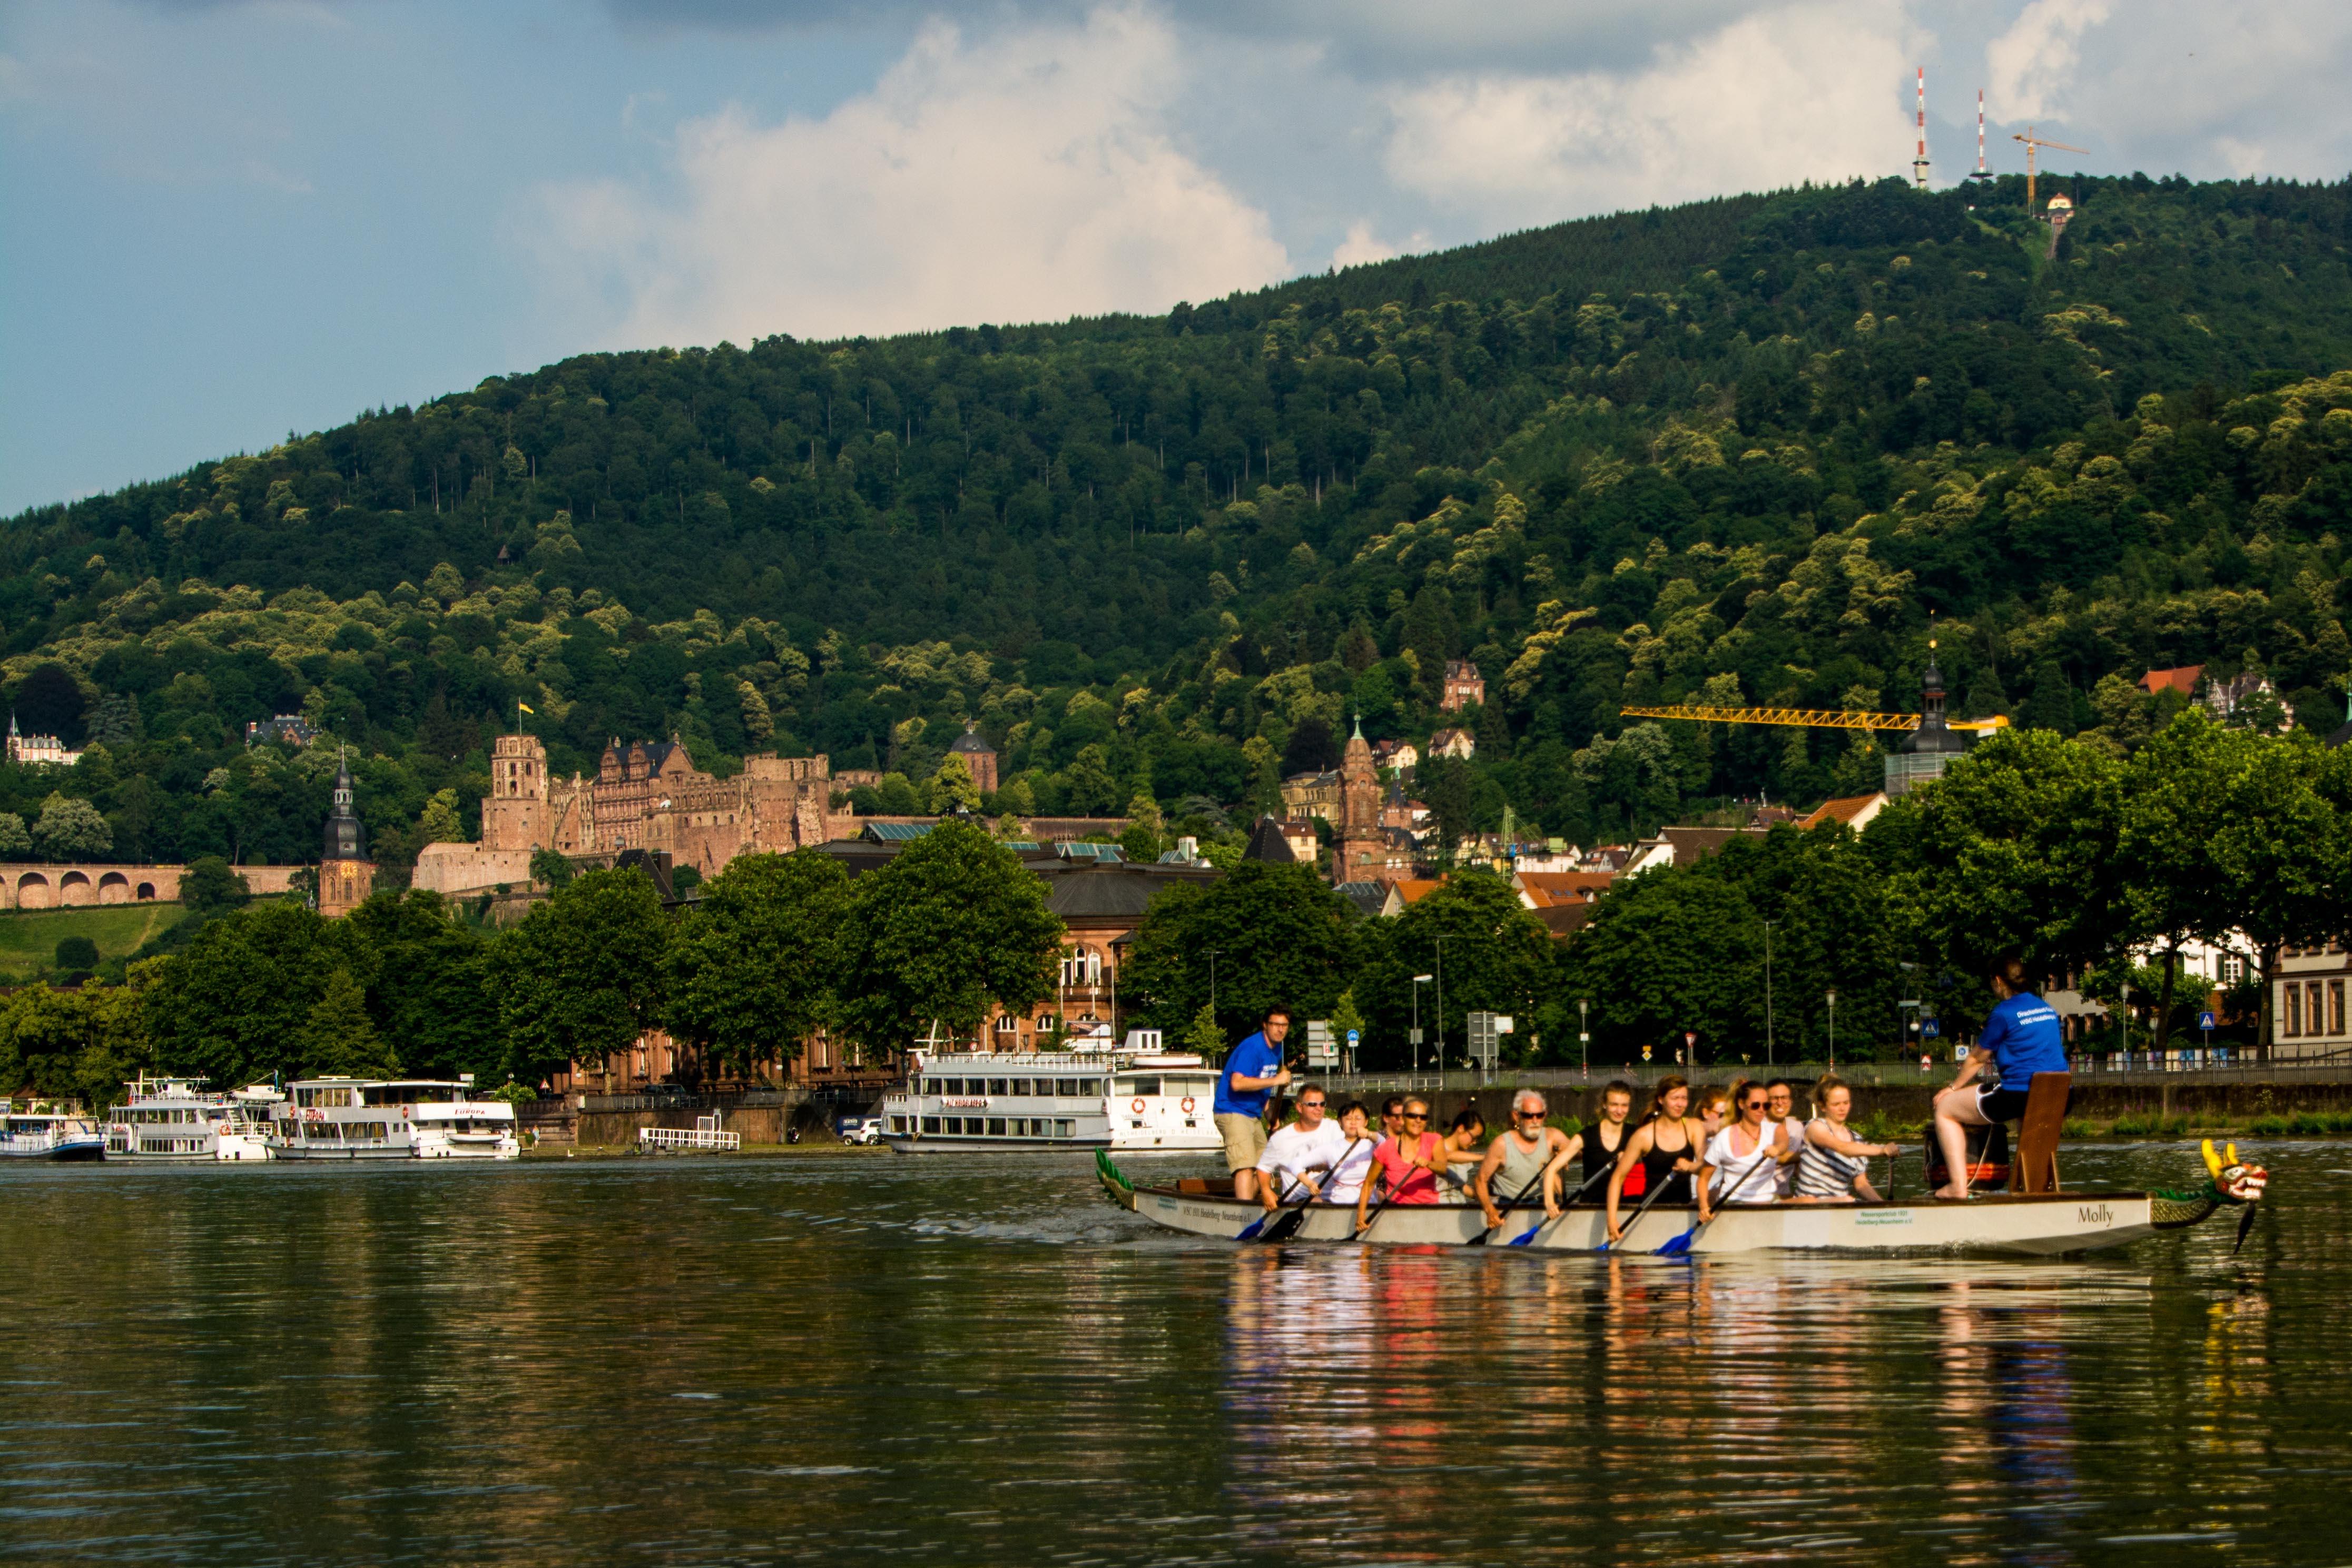 Ein Drache im Neckar